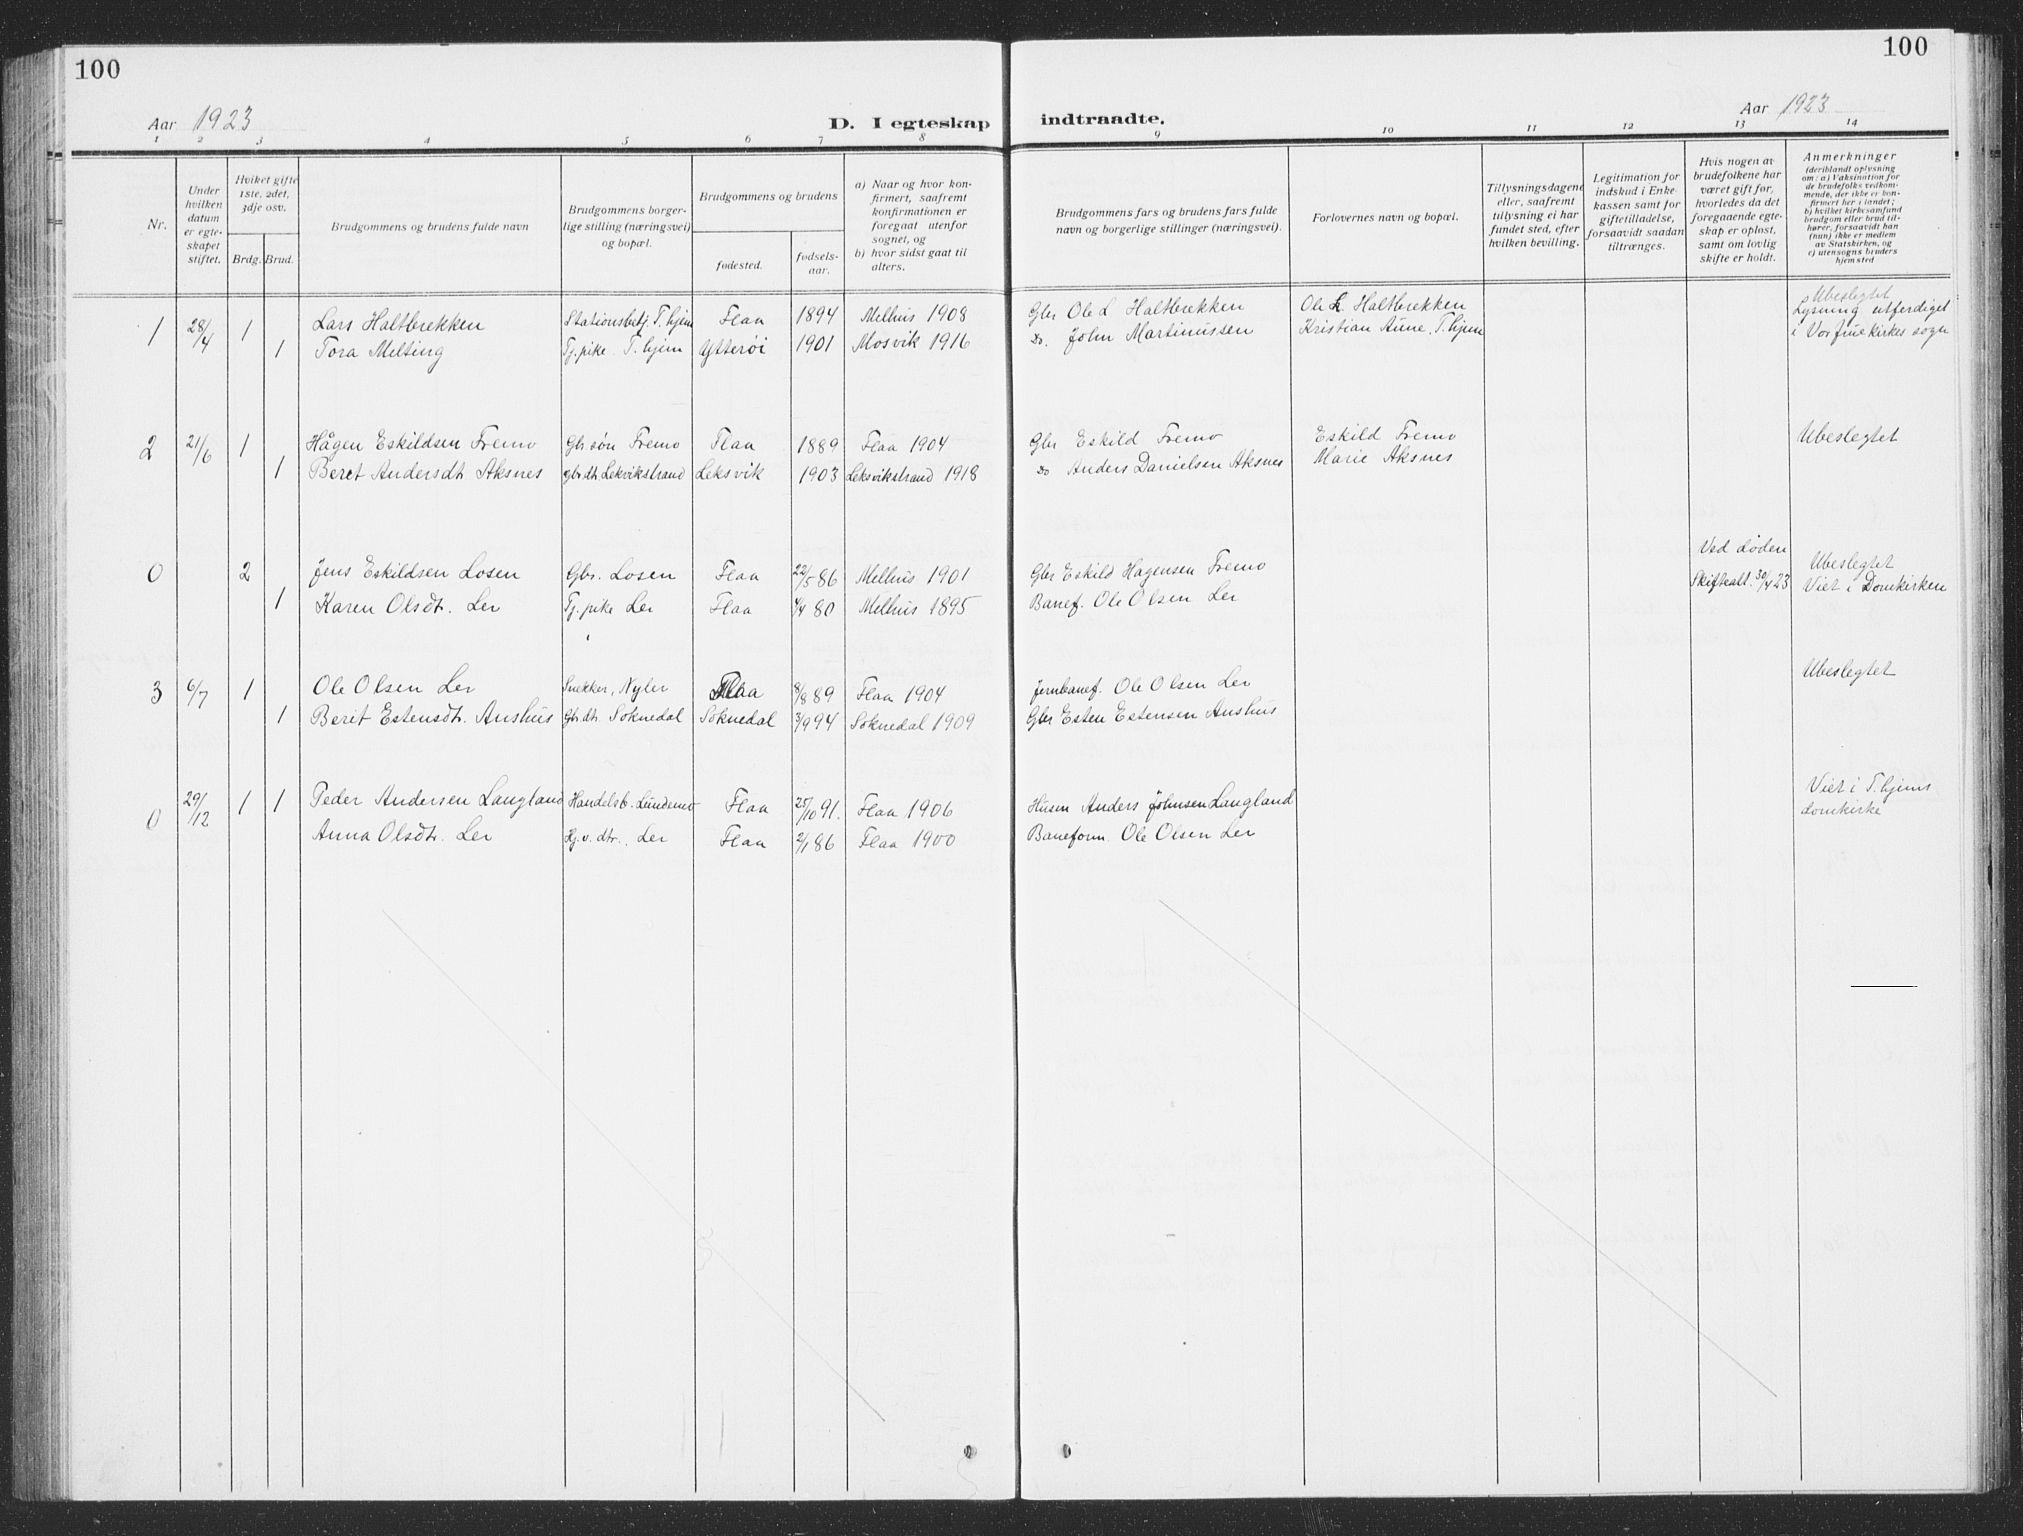 SAT, Ministerialprotokoller, klokkerbøker og fødselsregistre - Sør-Trøndelag, 693/L1124: Klokkerbok nr. 693C05, 1911-1941, s. 100